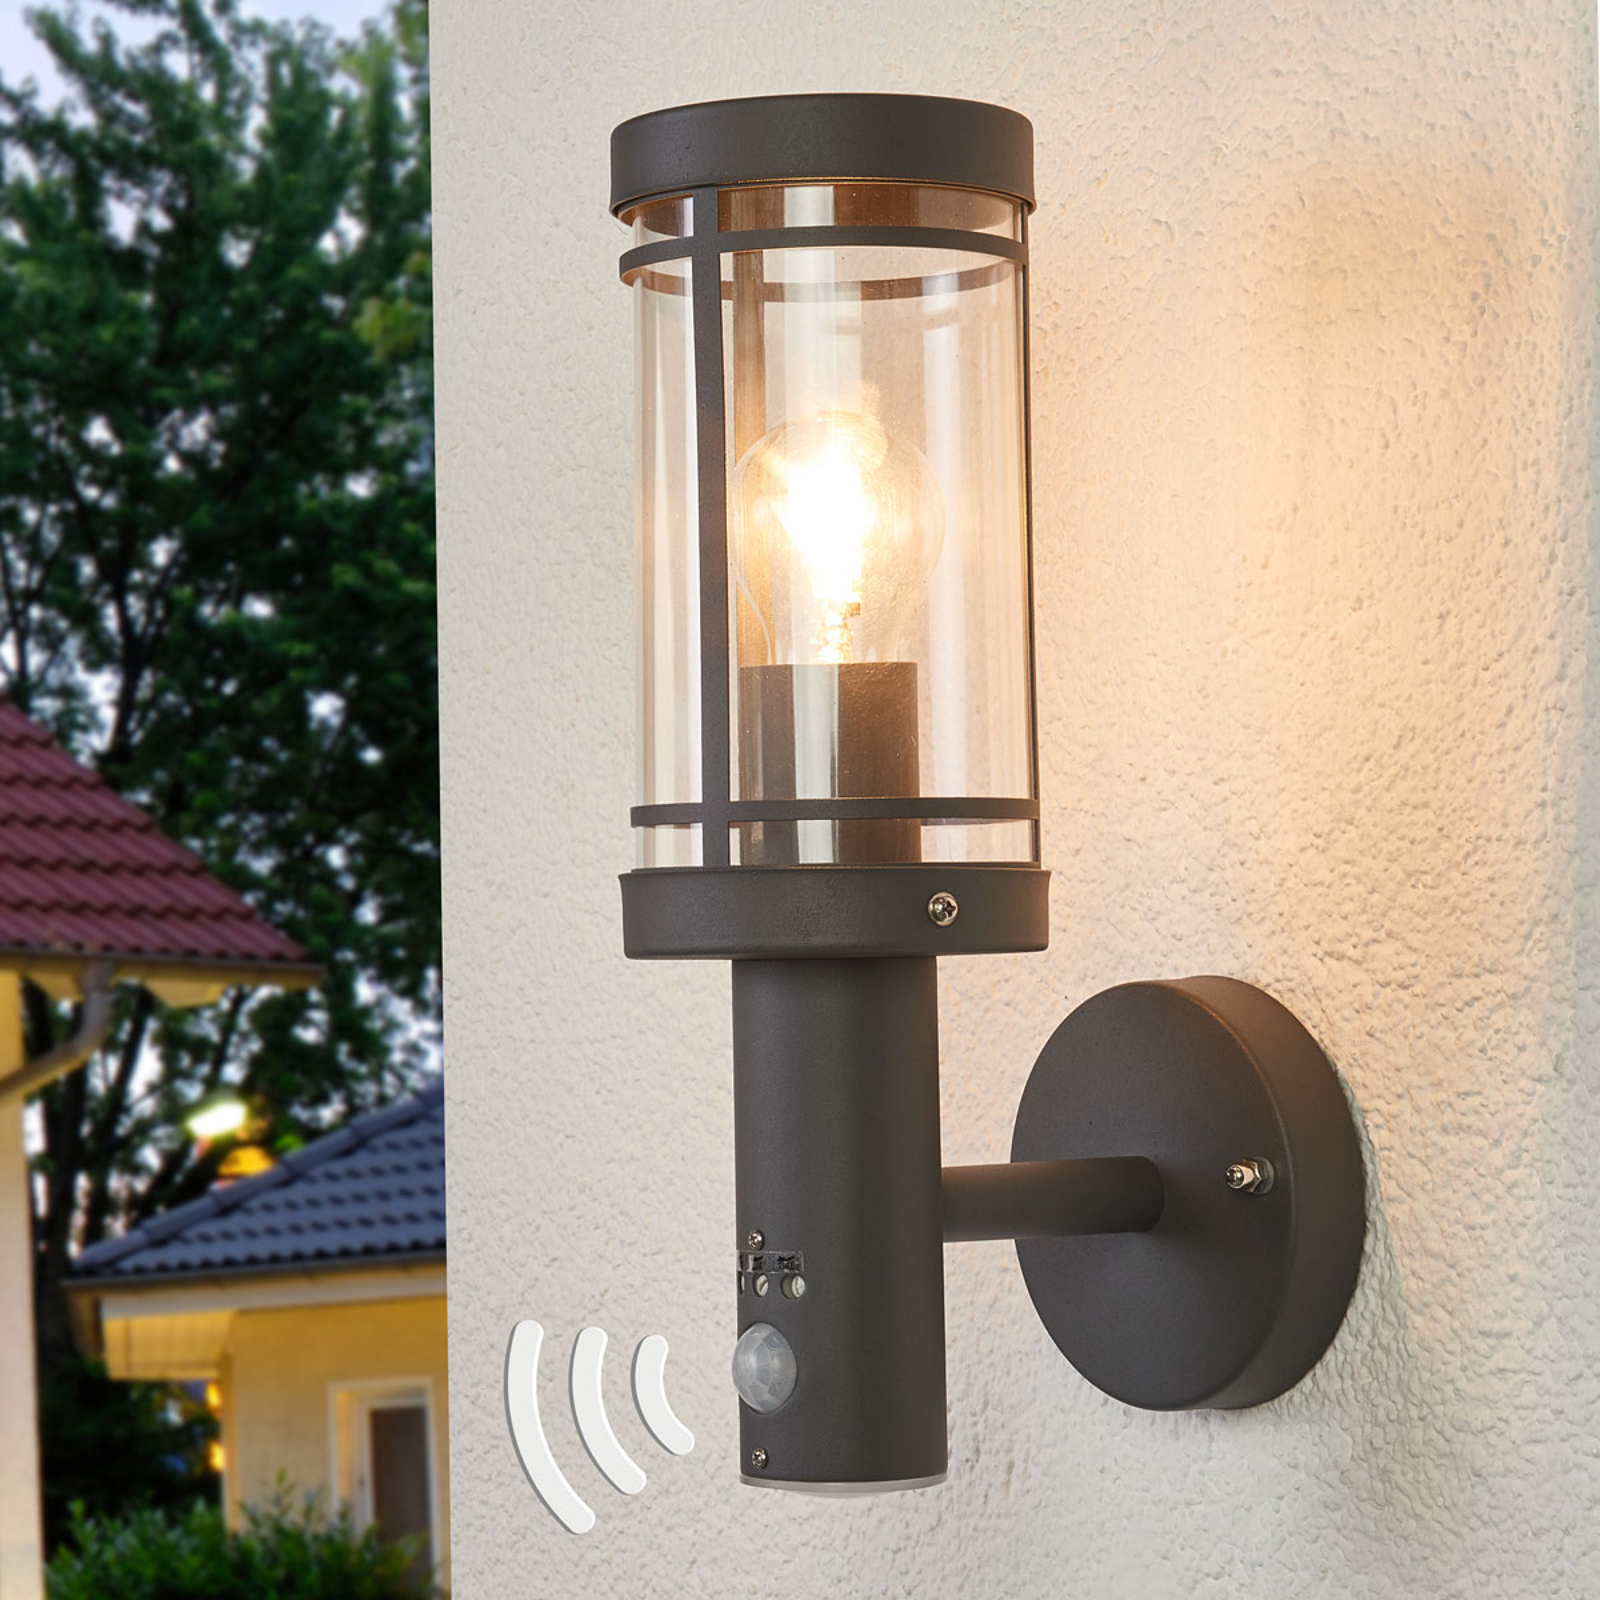 Lampa ścienna Djori z czujnikiem ruchu, zewnętrzna